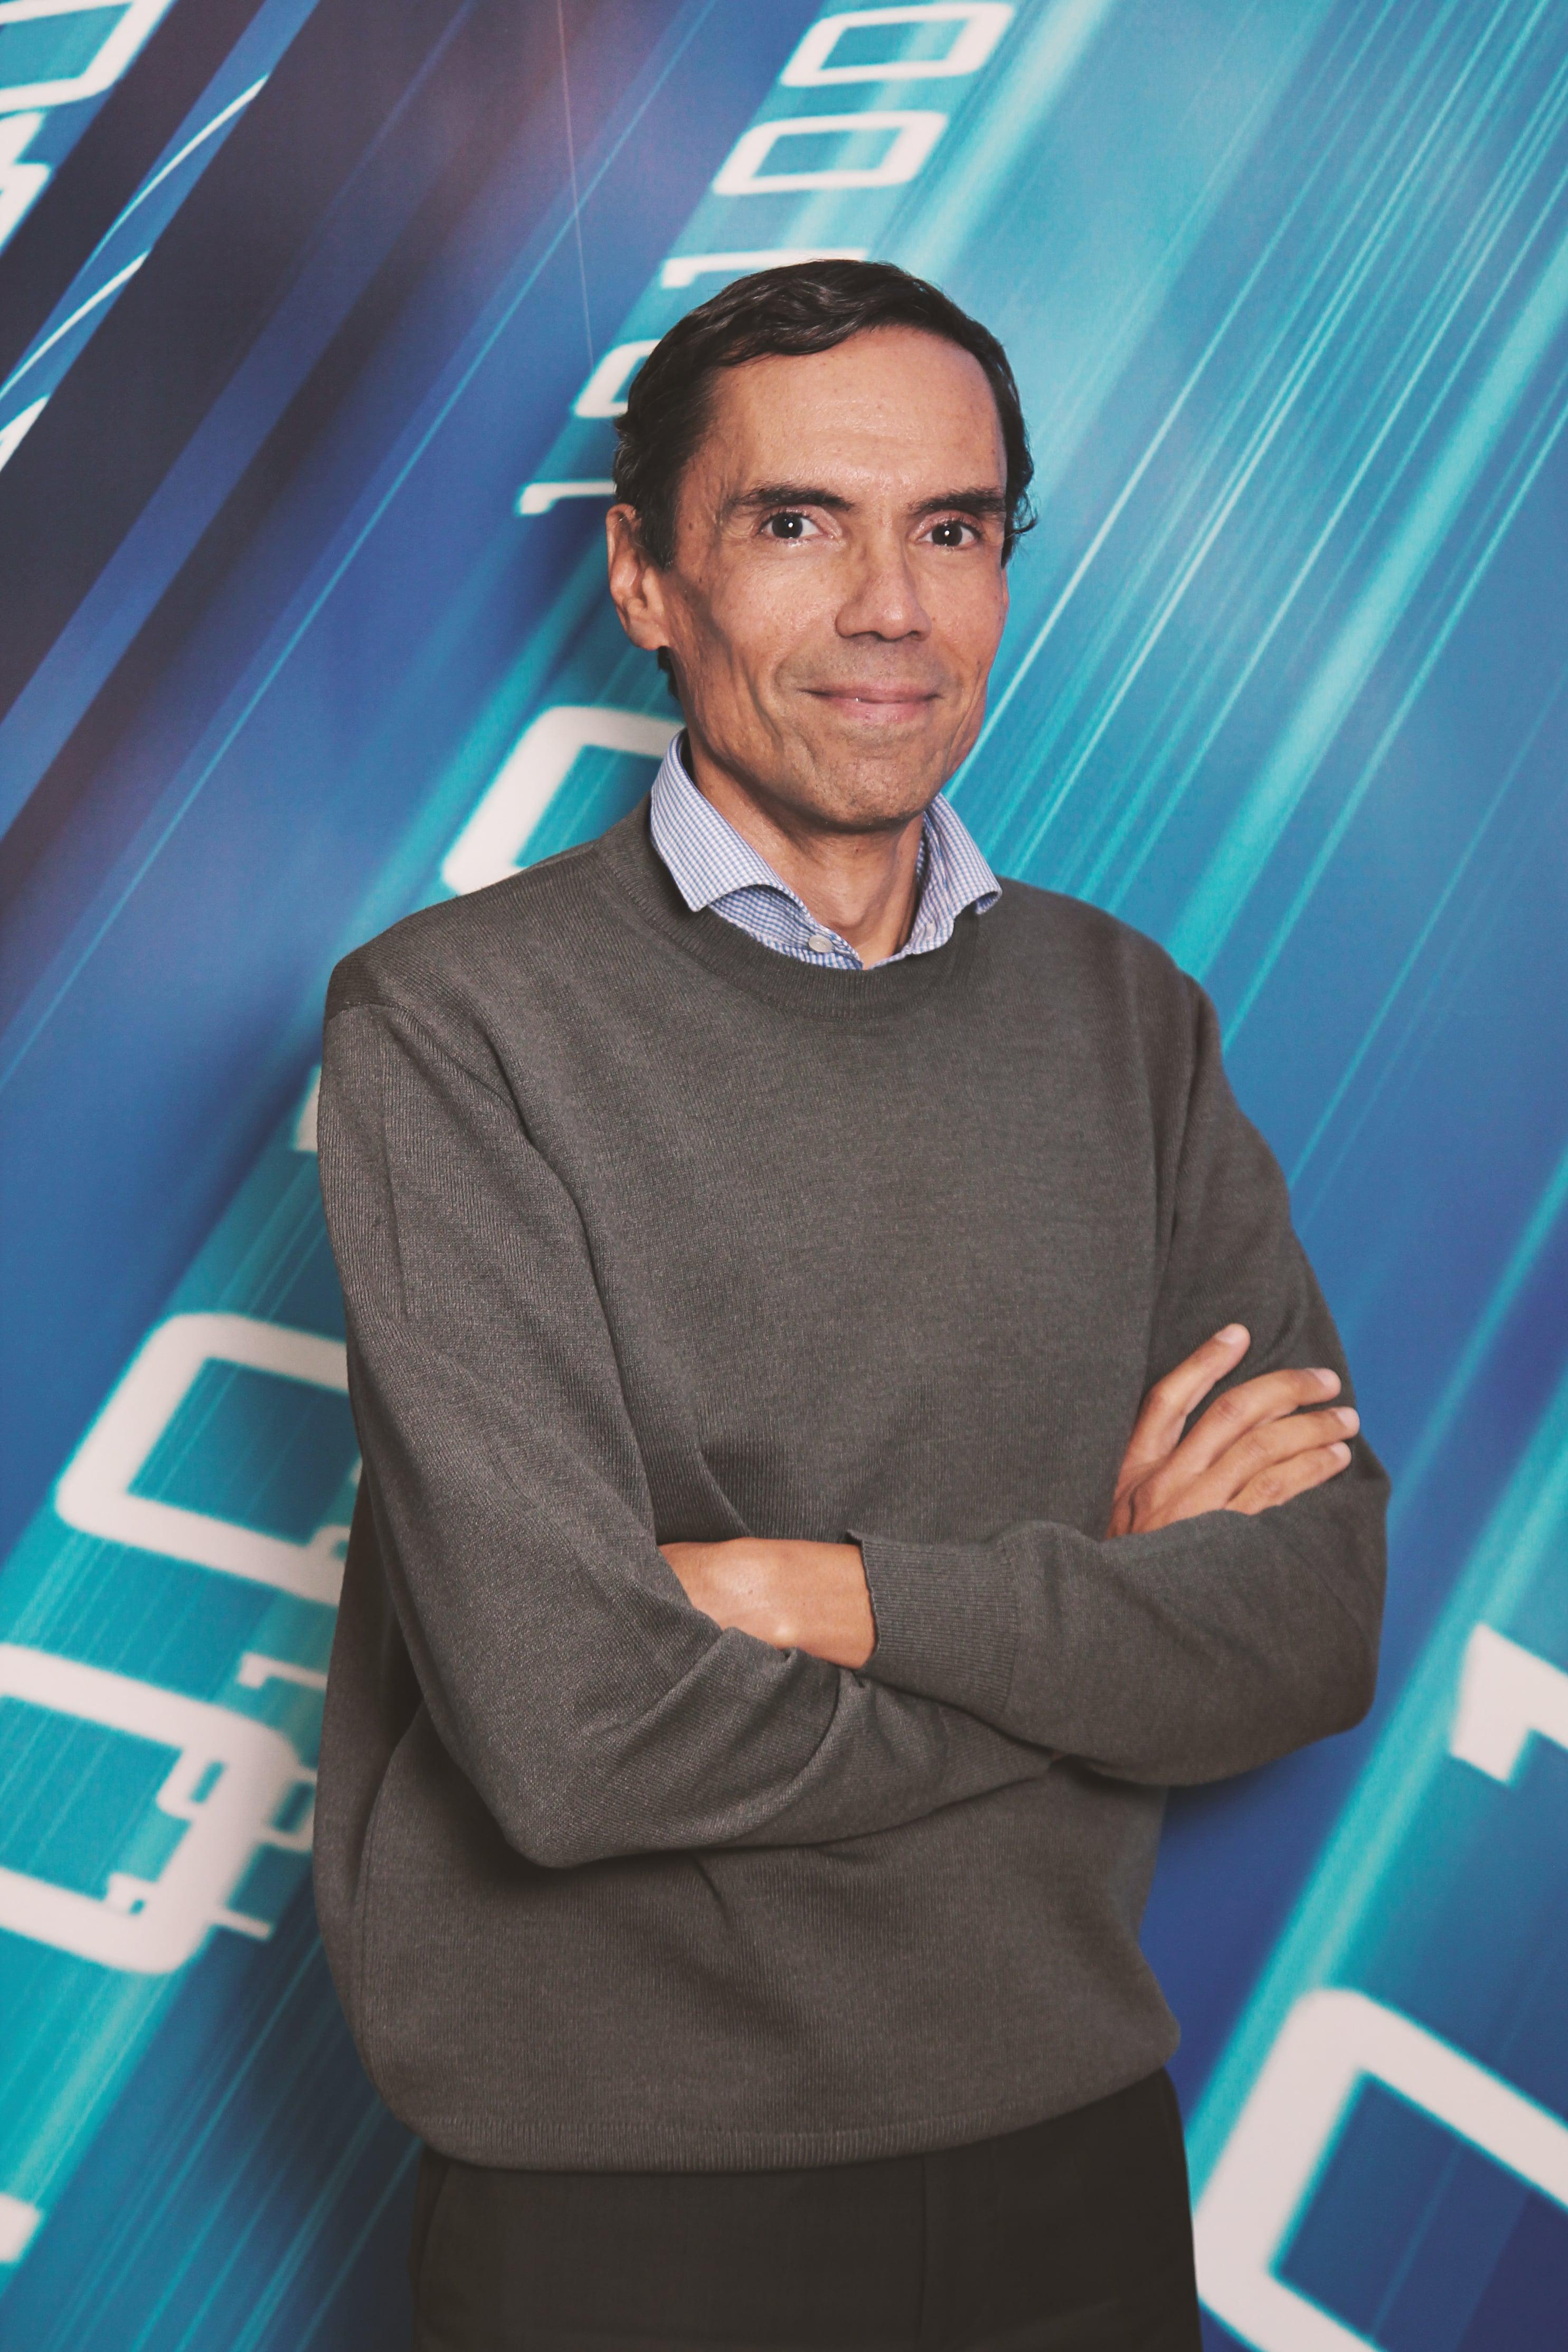 Antonio Roque